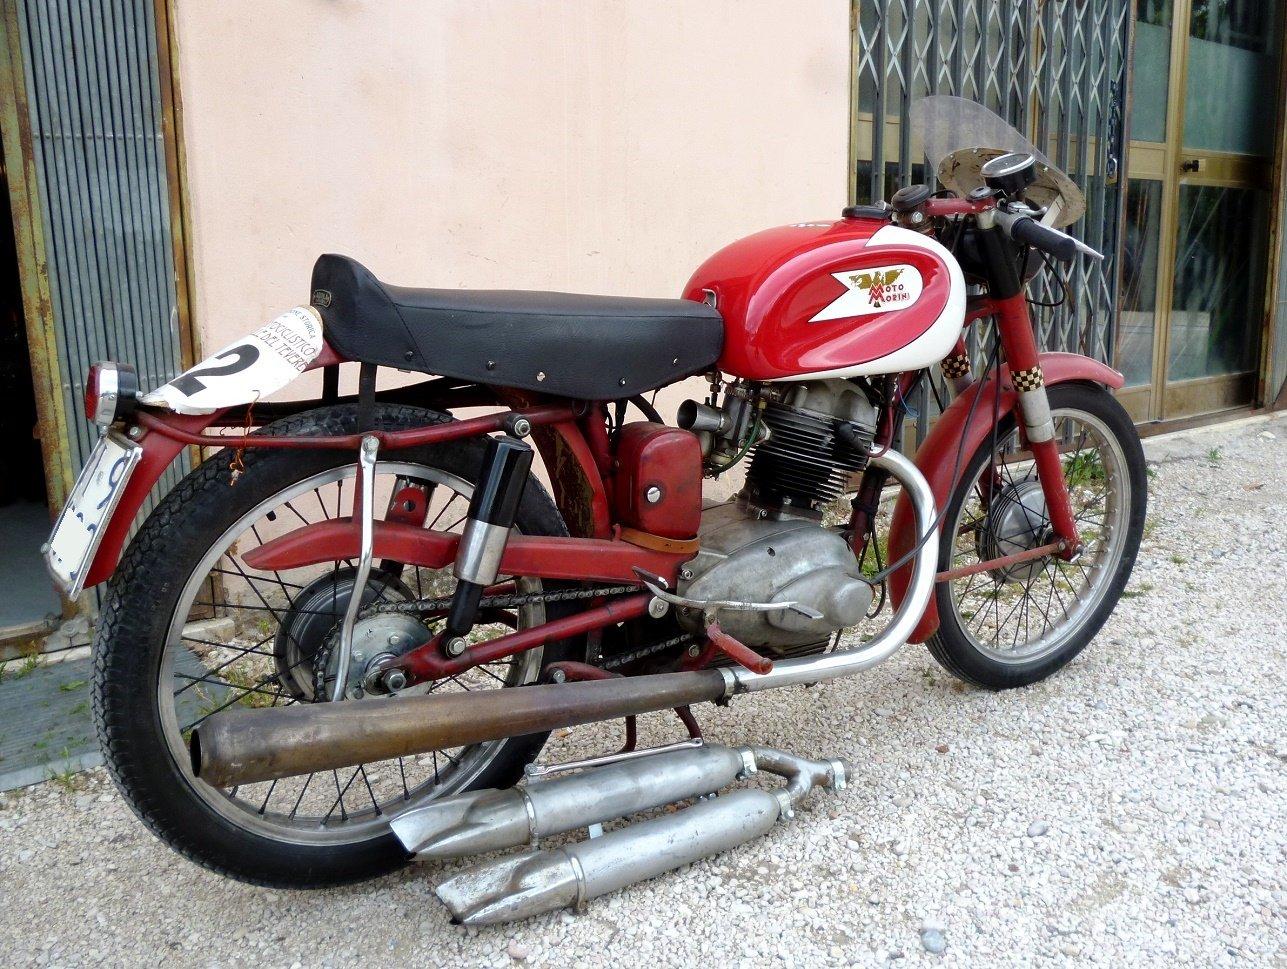 1956 Morini 175 Settebello road racing For Sale (picture 1 of 6)